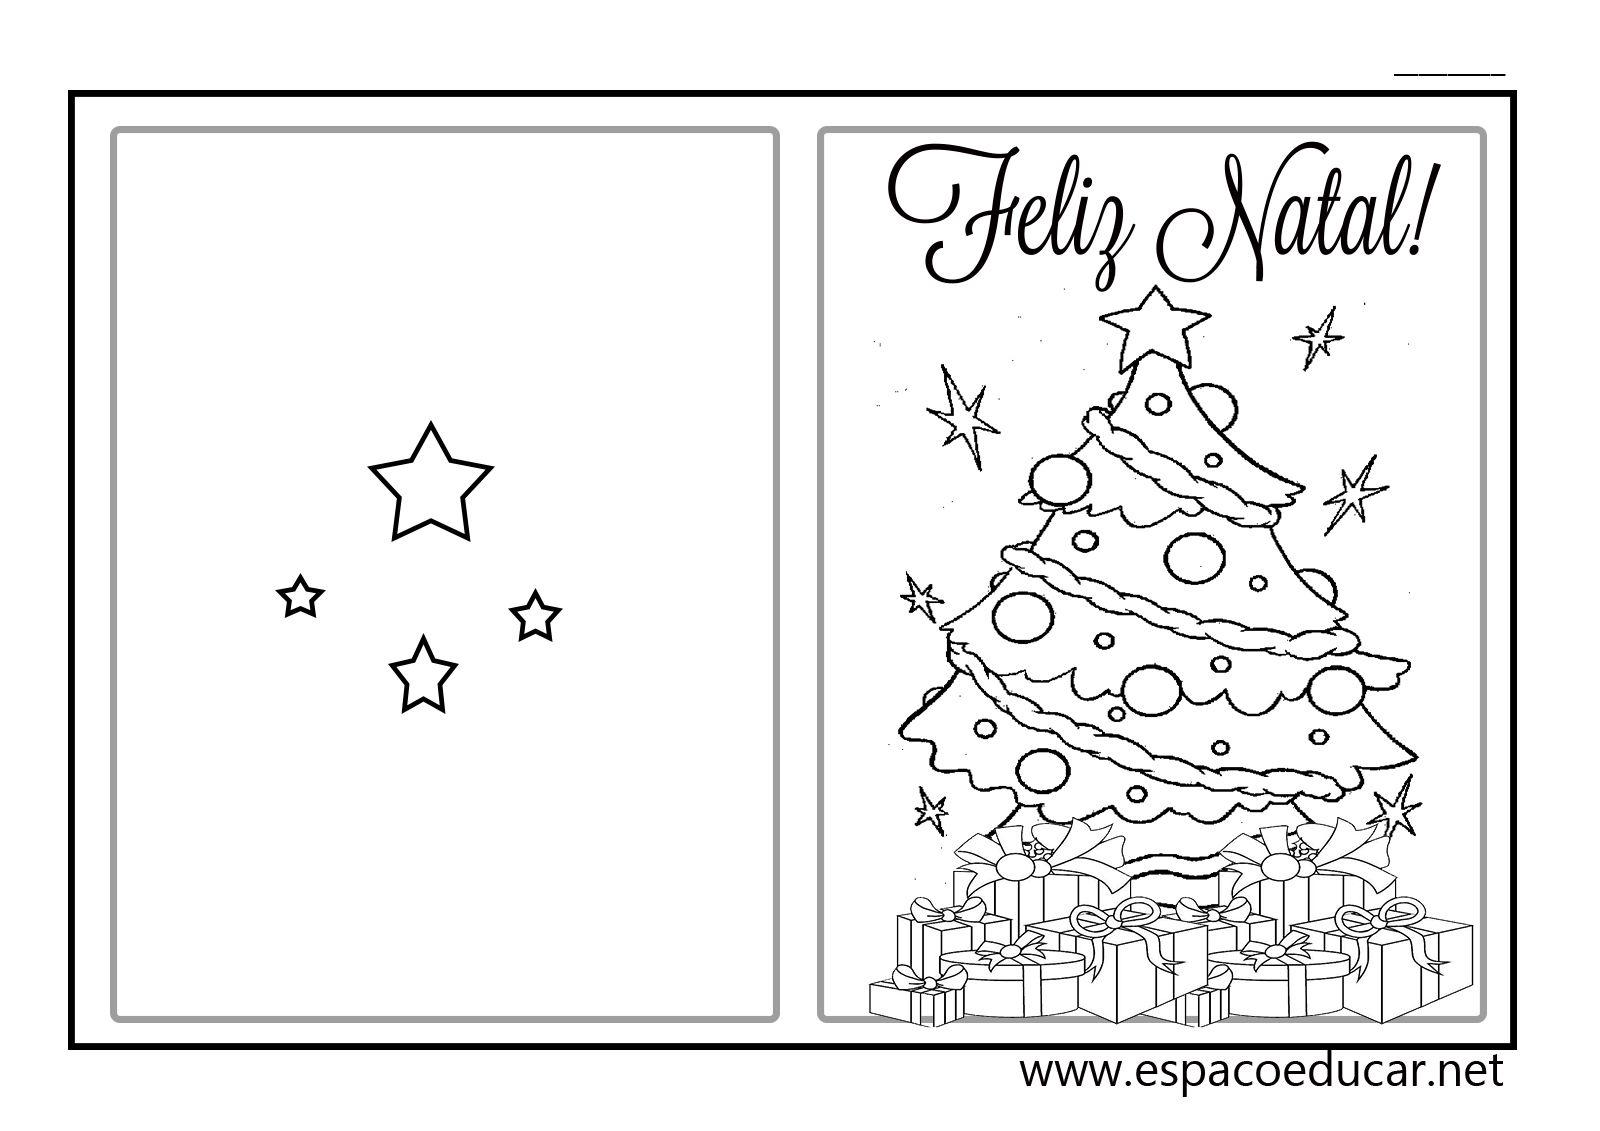 Lindos Modelos De Cartao De Natal Para Voce Imprimir E Presentear